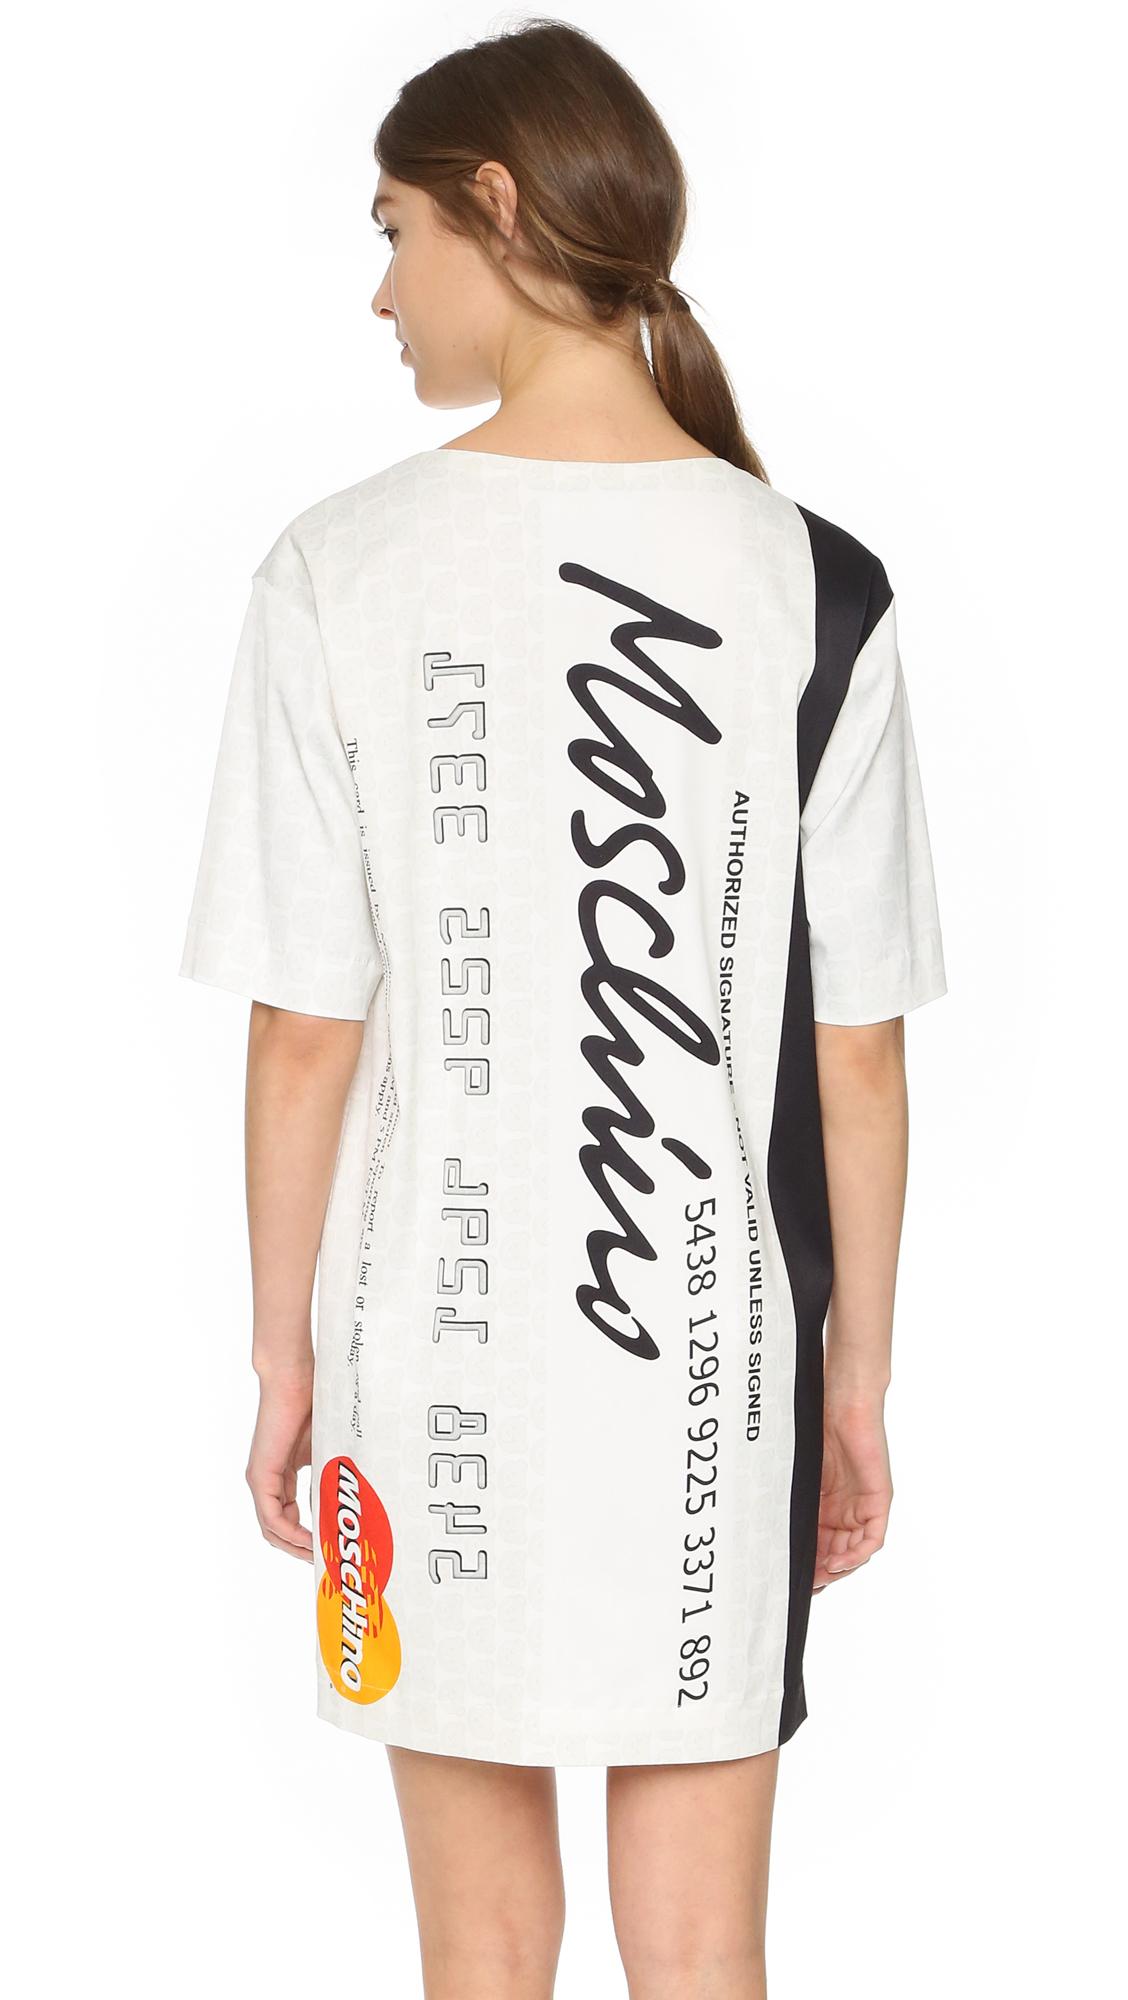 Moschino T-shirt Dress in White | Lyst